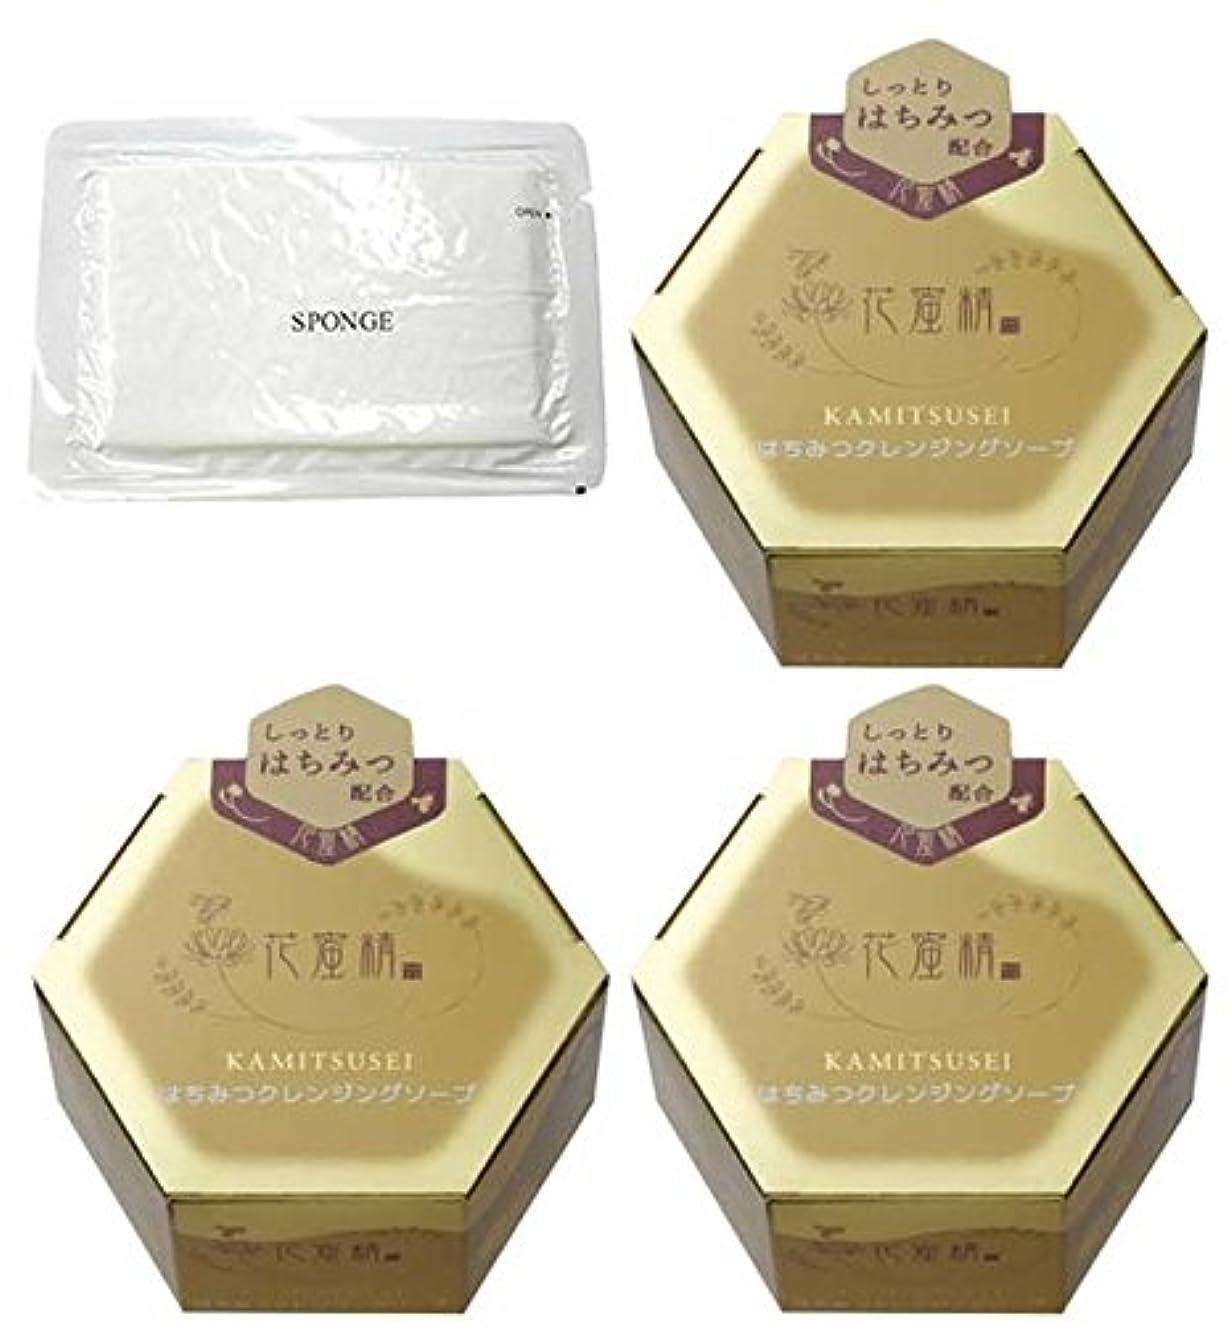 実装する解凍する、雪解け、霜解け岩花蜜精 はちみつクレンジングソープ 85g 3個 + 圧縮スポンジセット